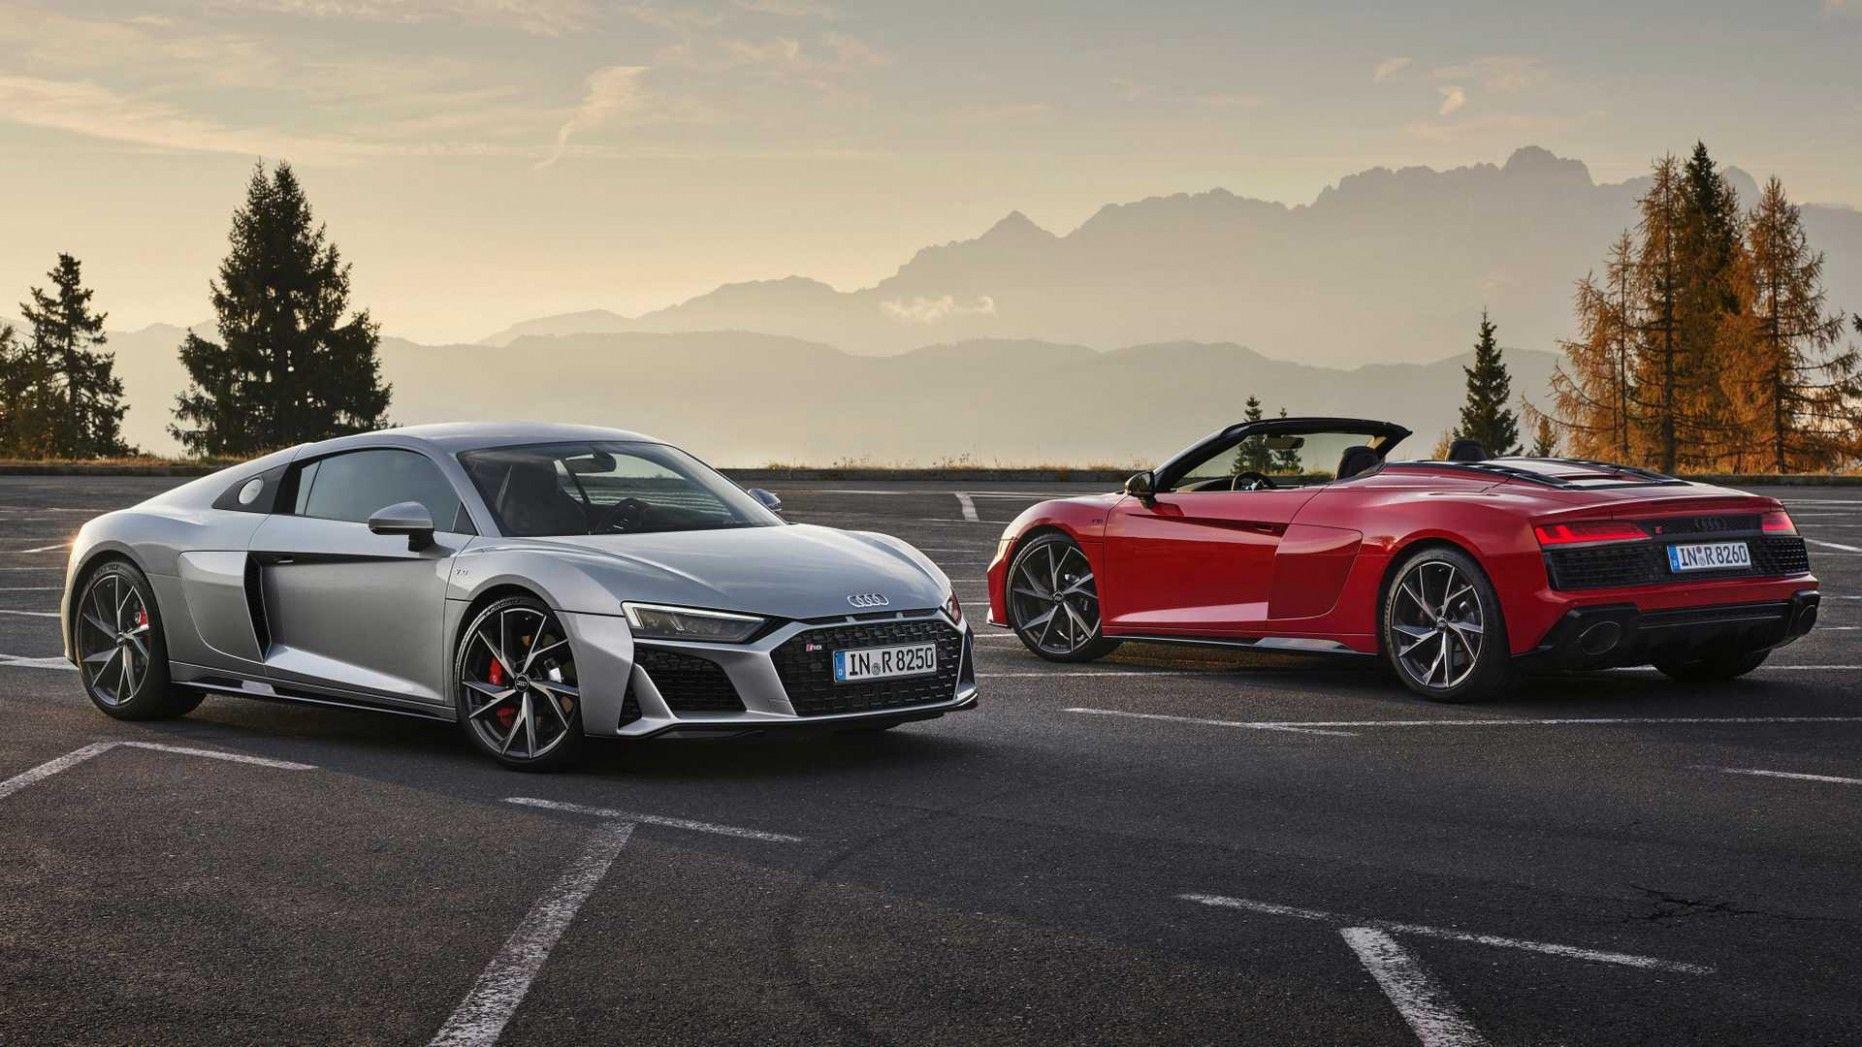 2021 Audi R8 V10 Spyder New Review In 2020 Audi R8 V10 Audi Supercar New Audi R8